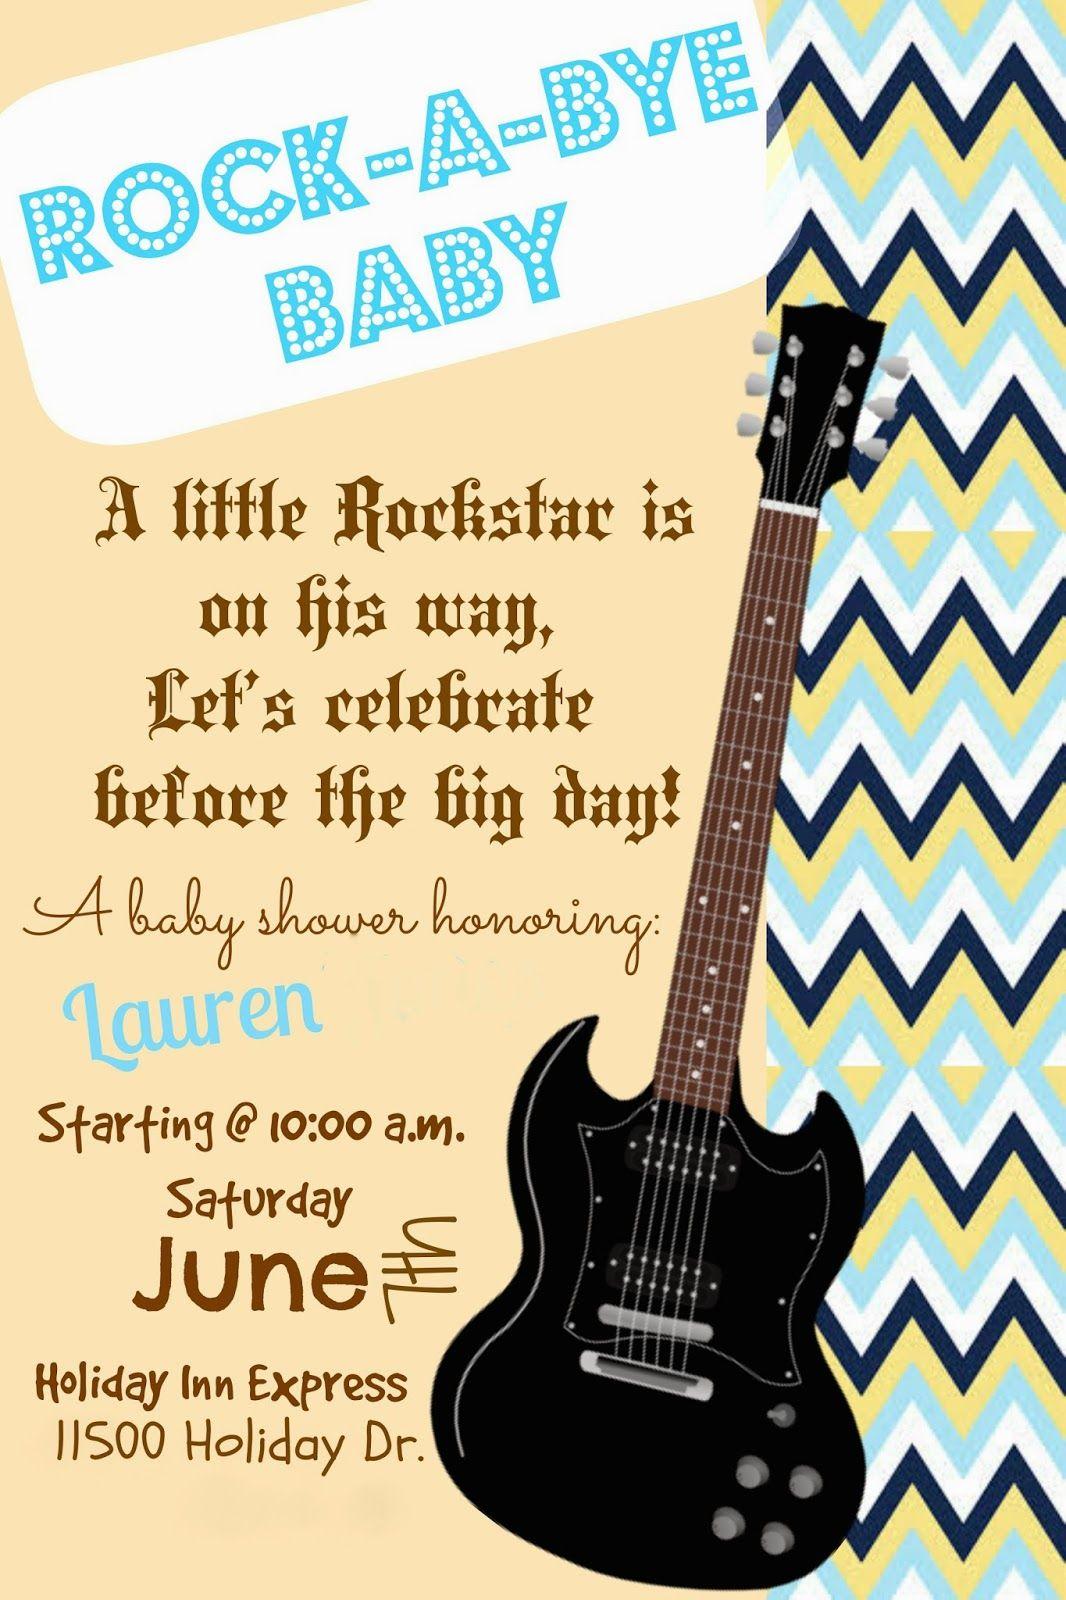 Rockstar baby shower invite #babyshower